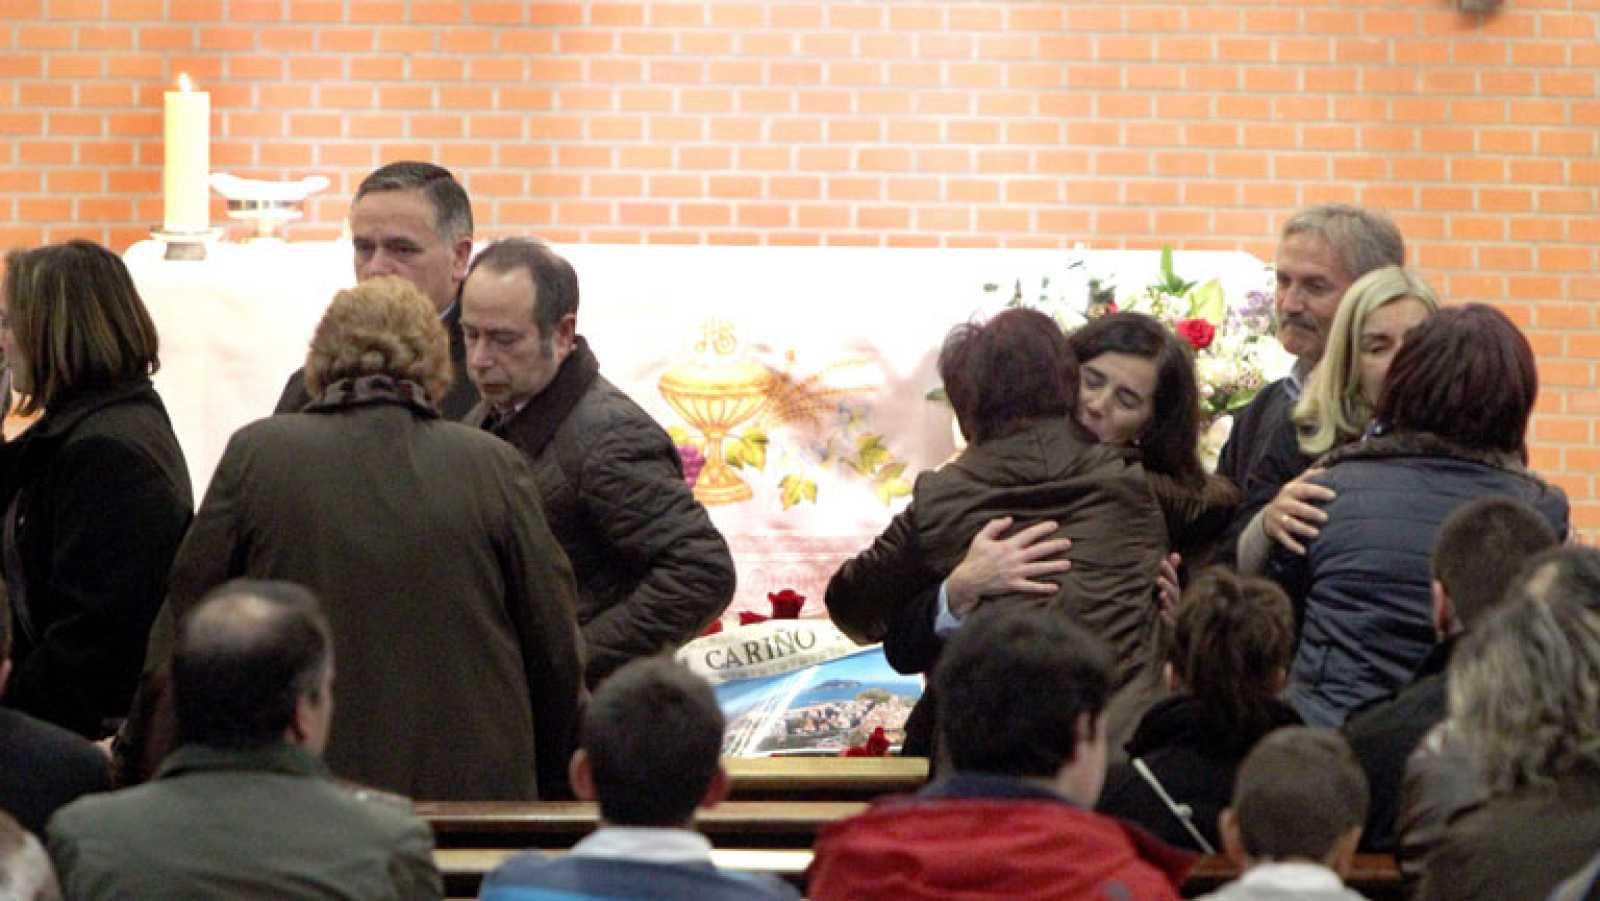 Celebrado esta tarde en Bilbao el funeral por la muerte de Iñigo Cabacas